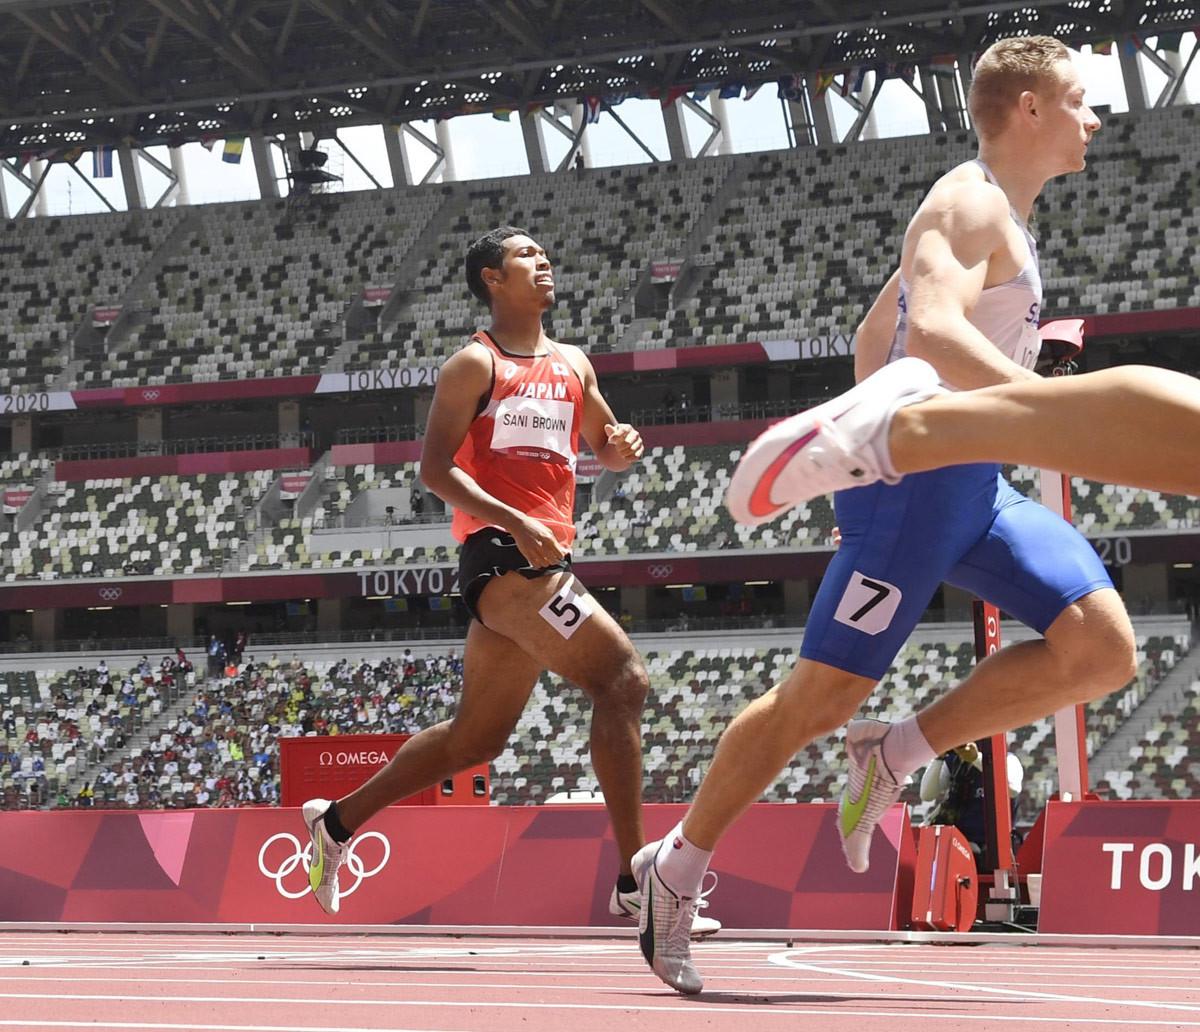 男子200メートル予選 ゴールするサニブラウン・ハキーム(左)。2組6着で敗退した=国立競技場